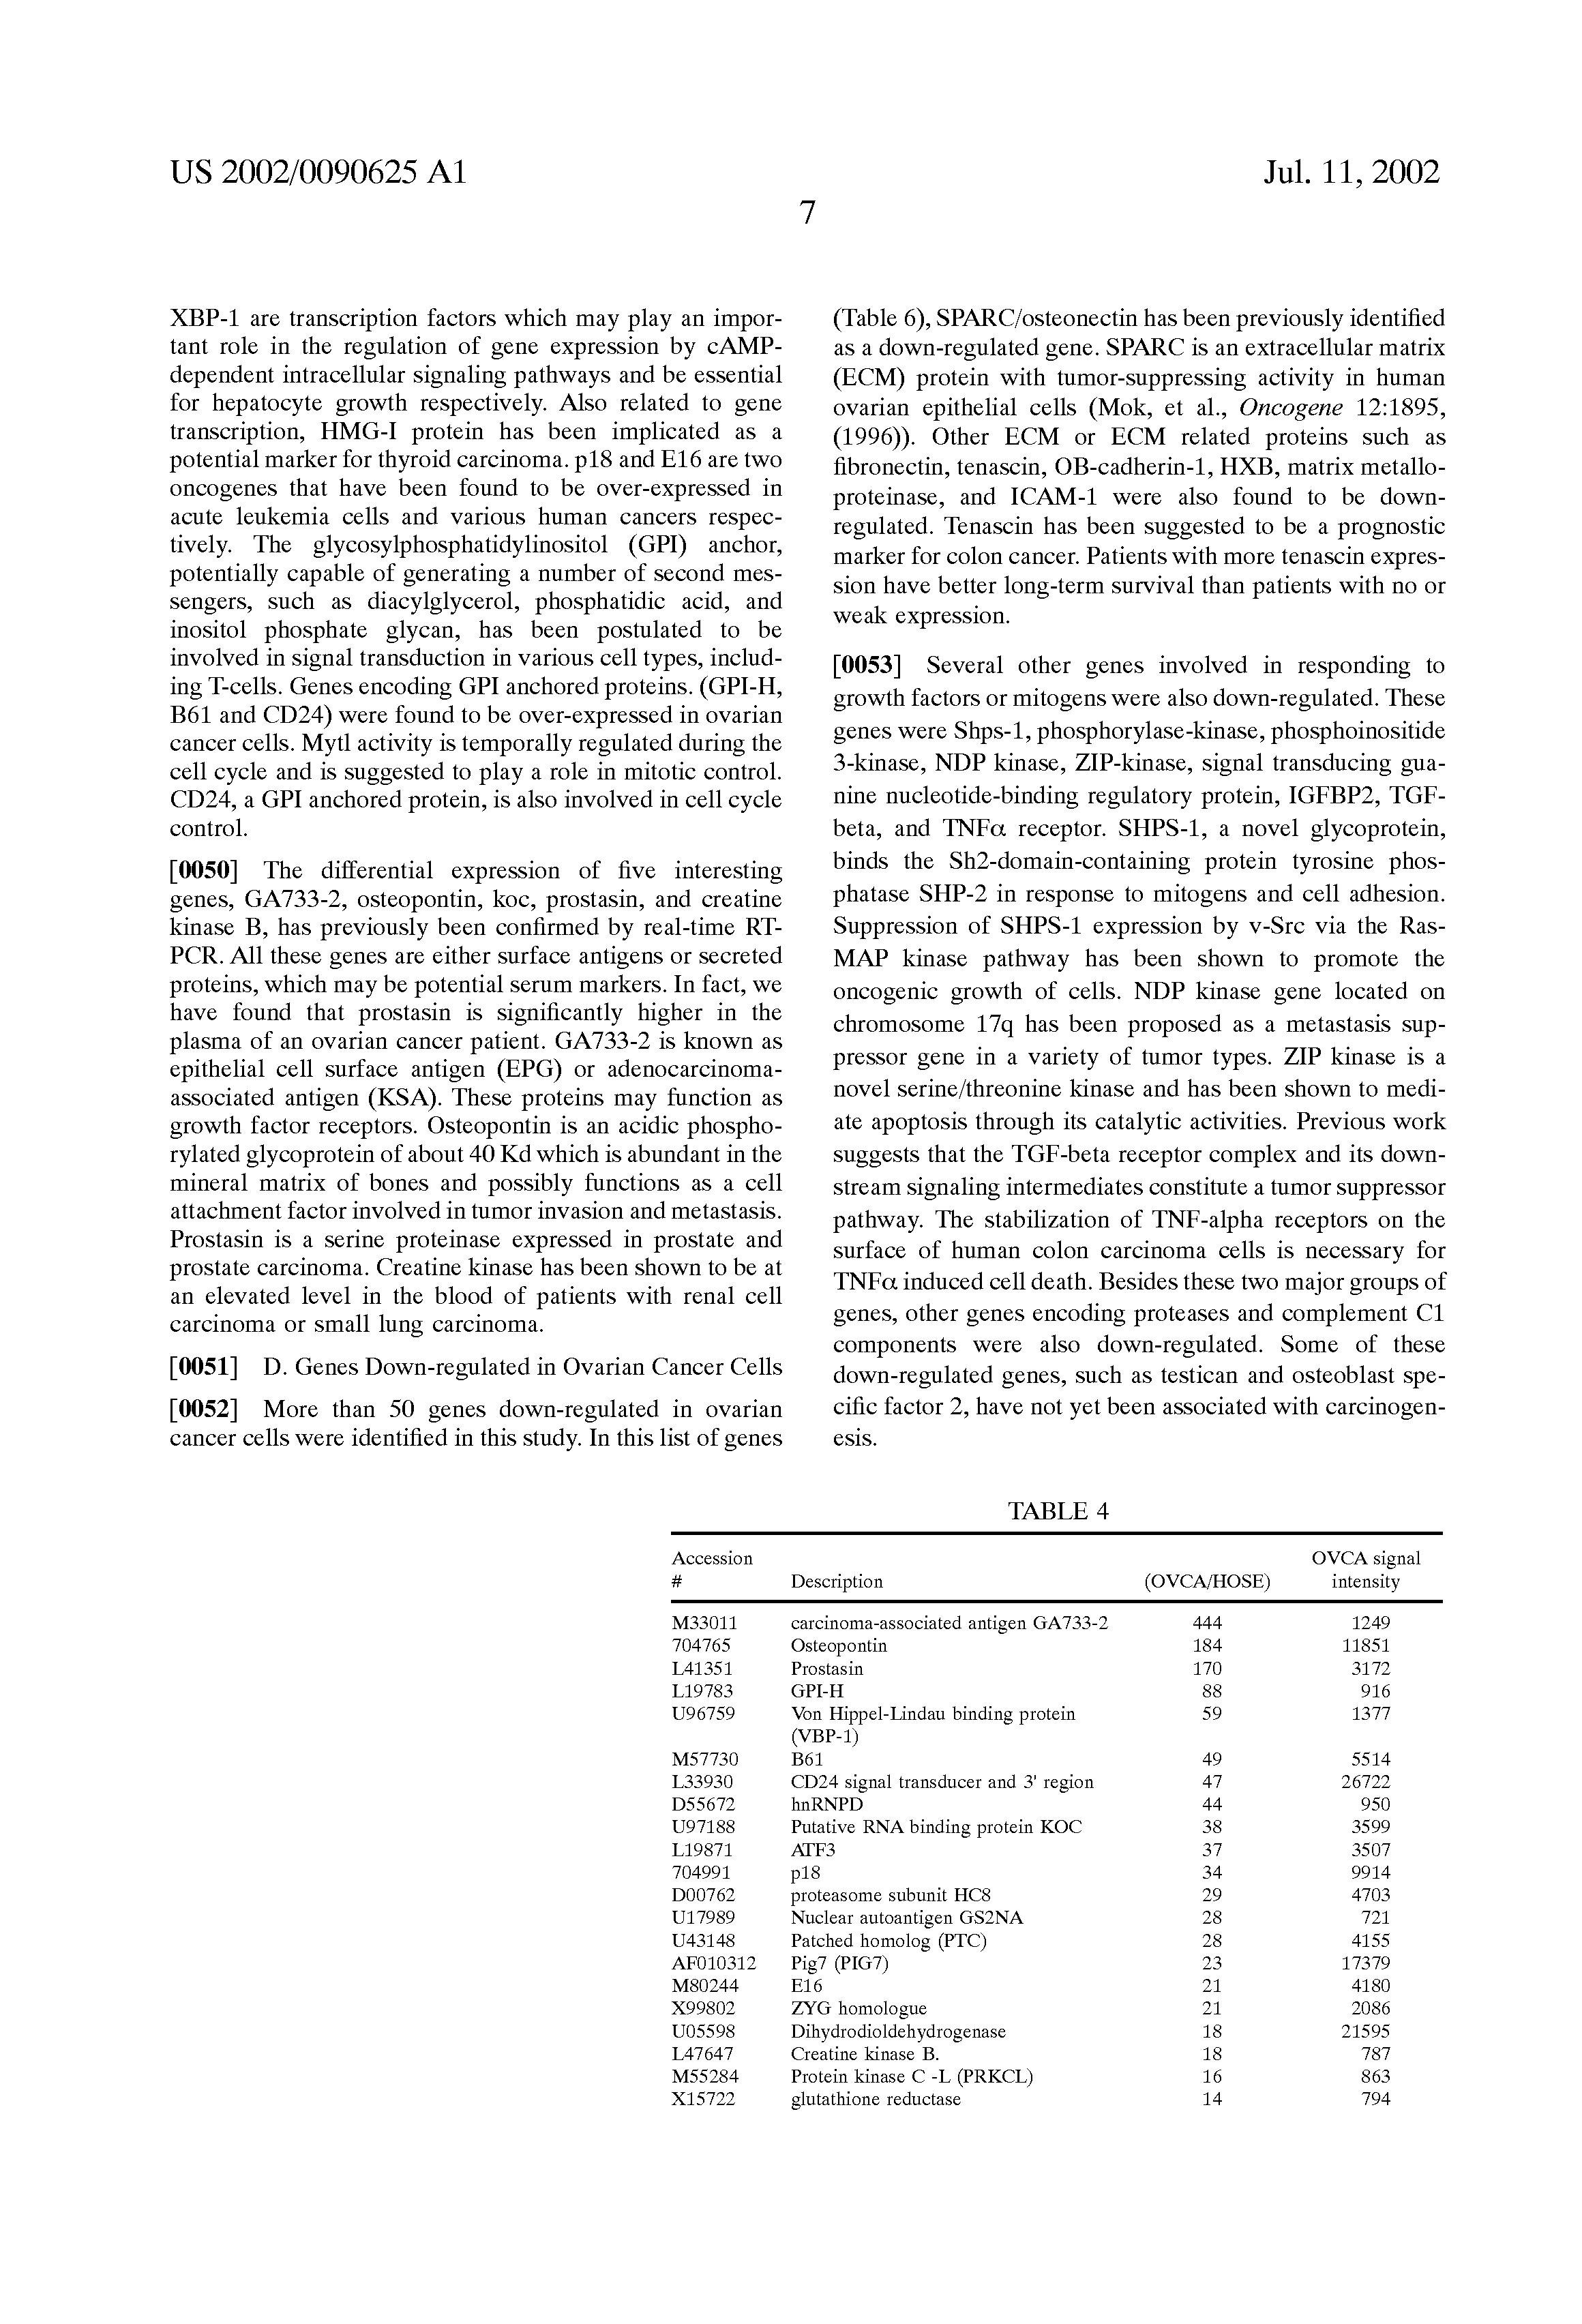 Инструкция prostasin